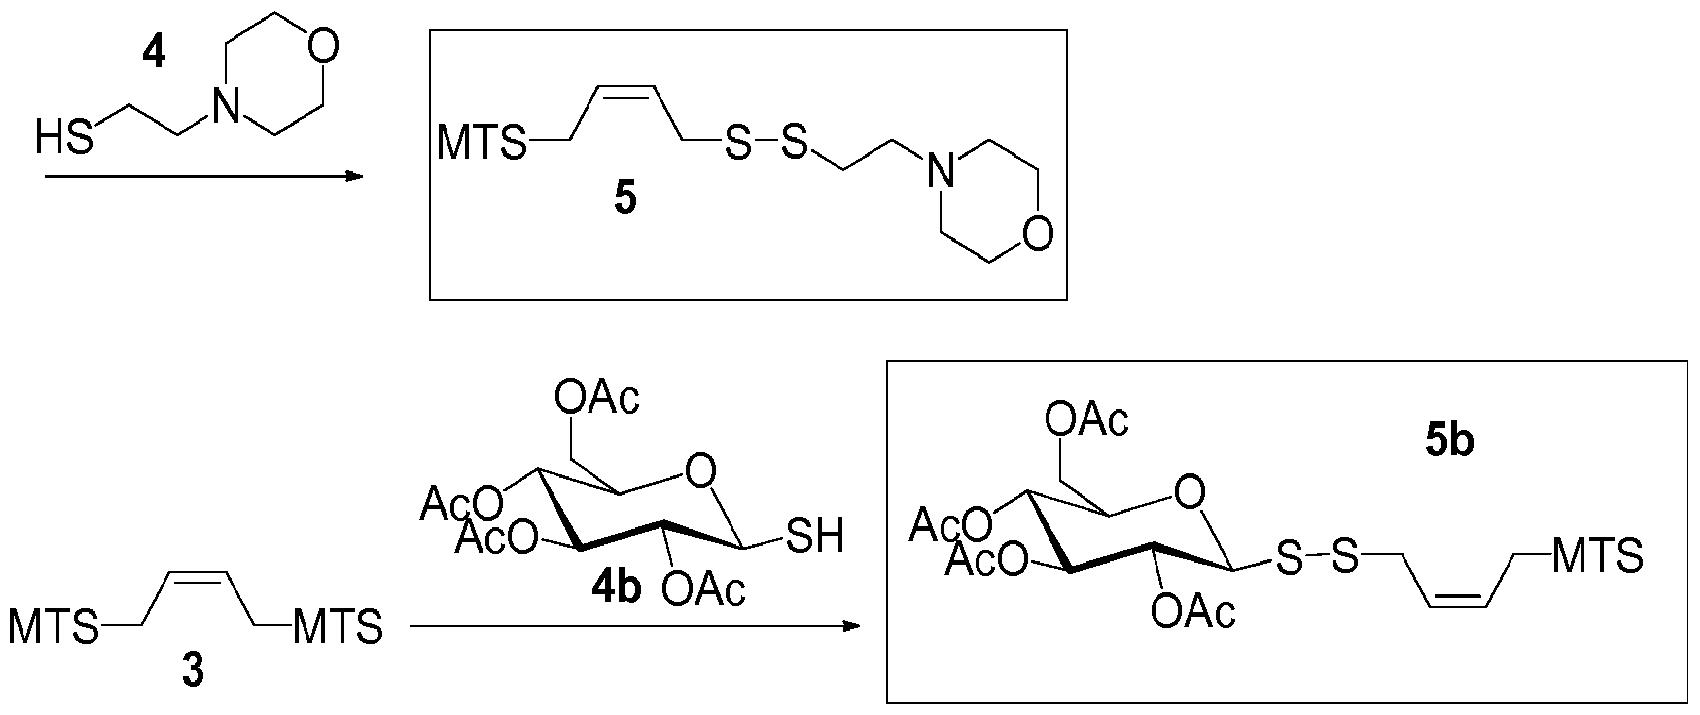 Figure imgf000377_0001